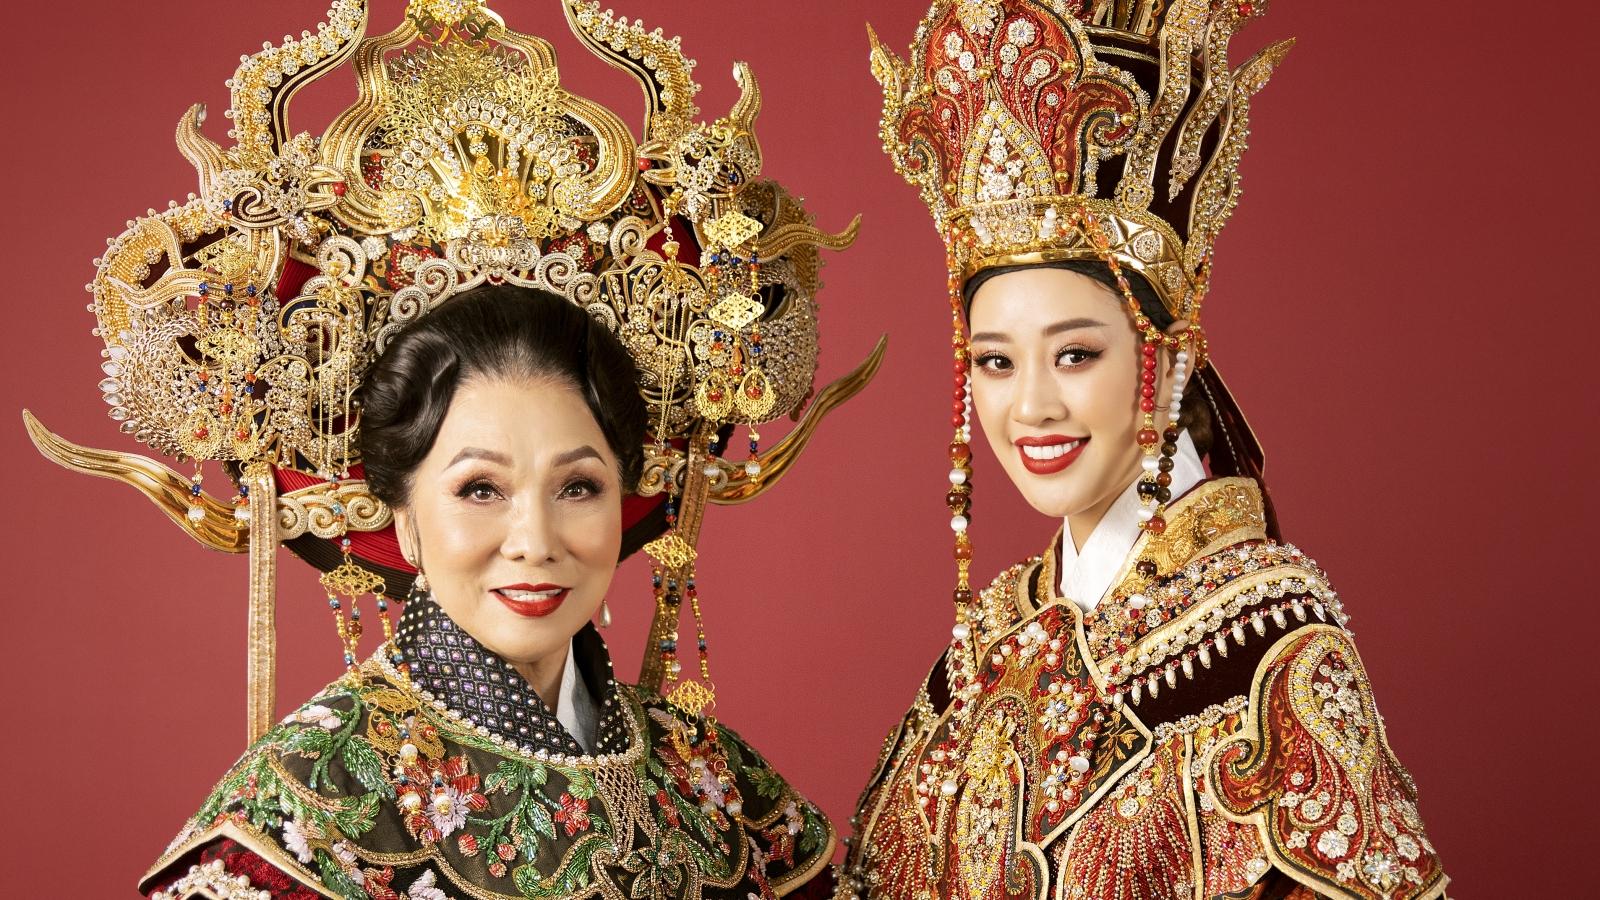 Hoa hậu Khánh Vân kết hợp cùng NSND Bạch Tuyết, hoá thân thành Thái hậu Dương Vân Nga